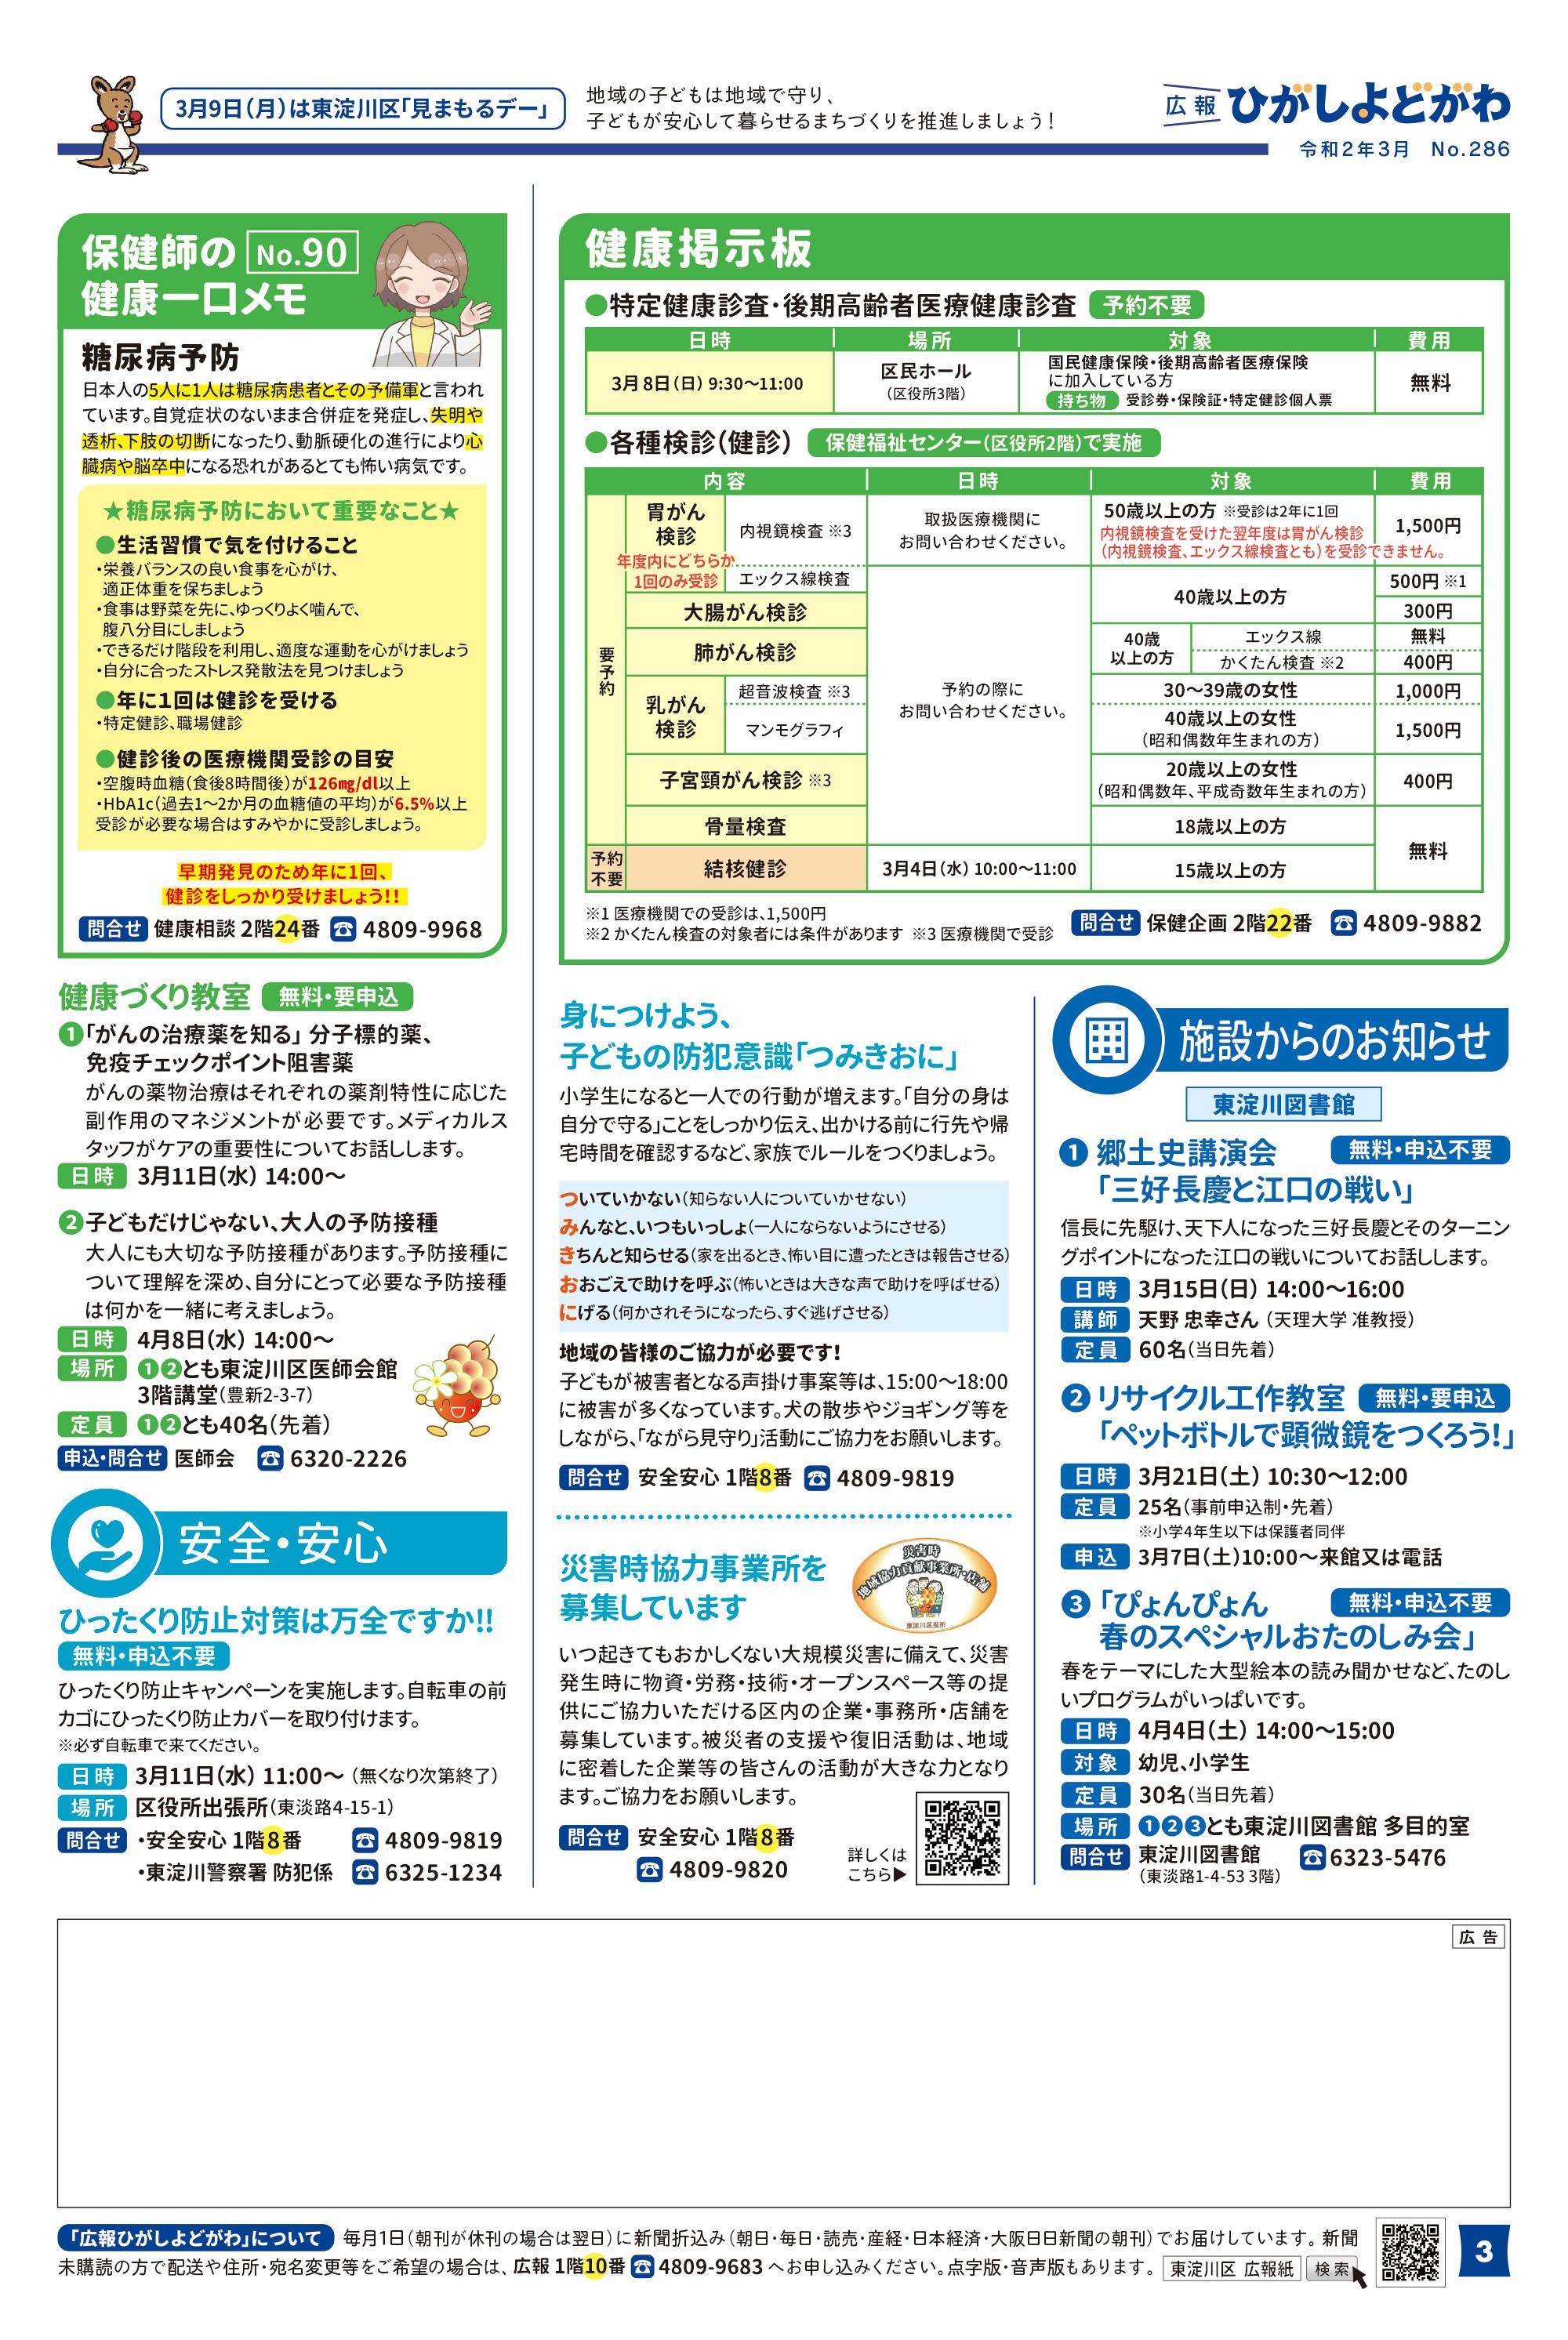 広報ひがしよどがわ2020年3月号|つながる場(大阪市東淀川区)